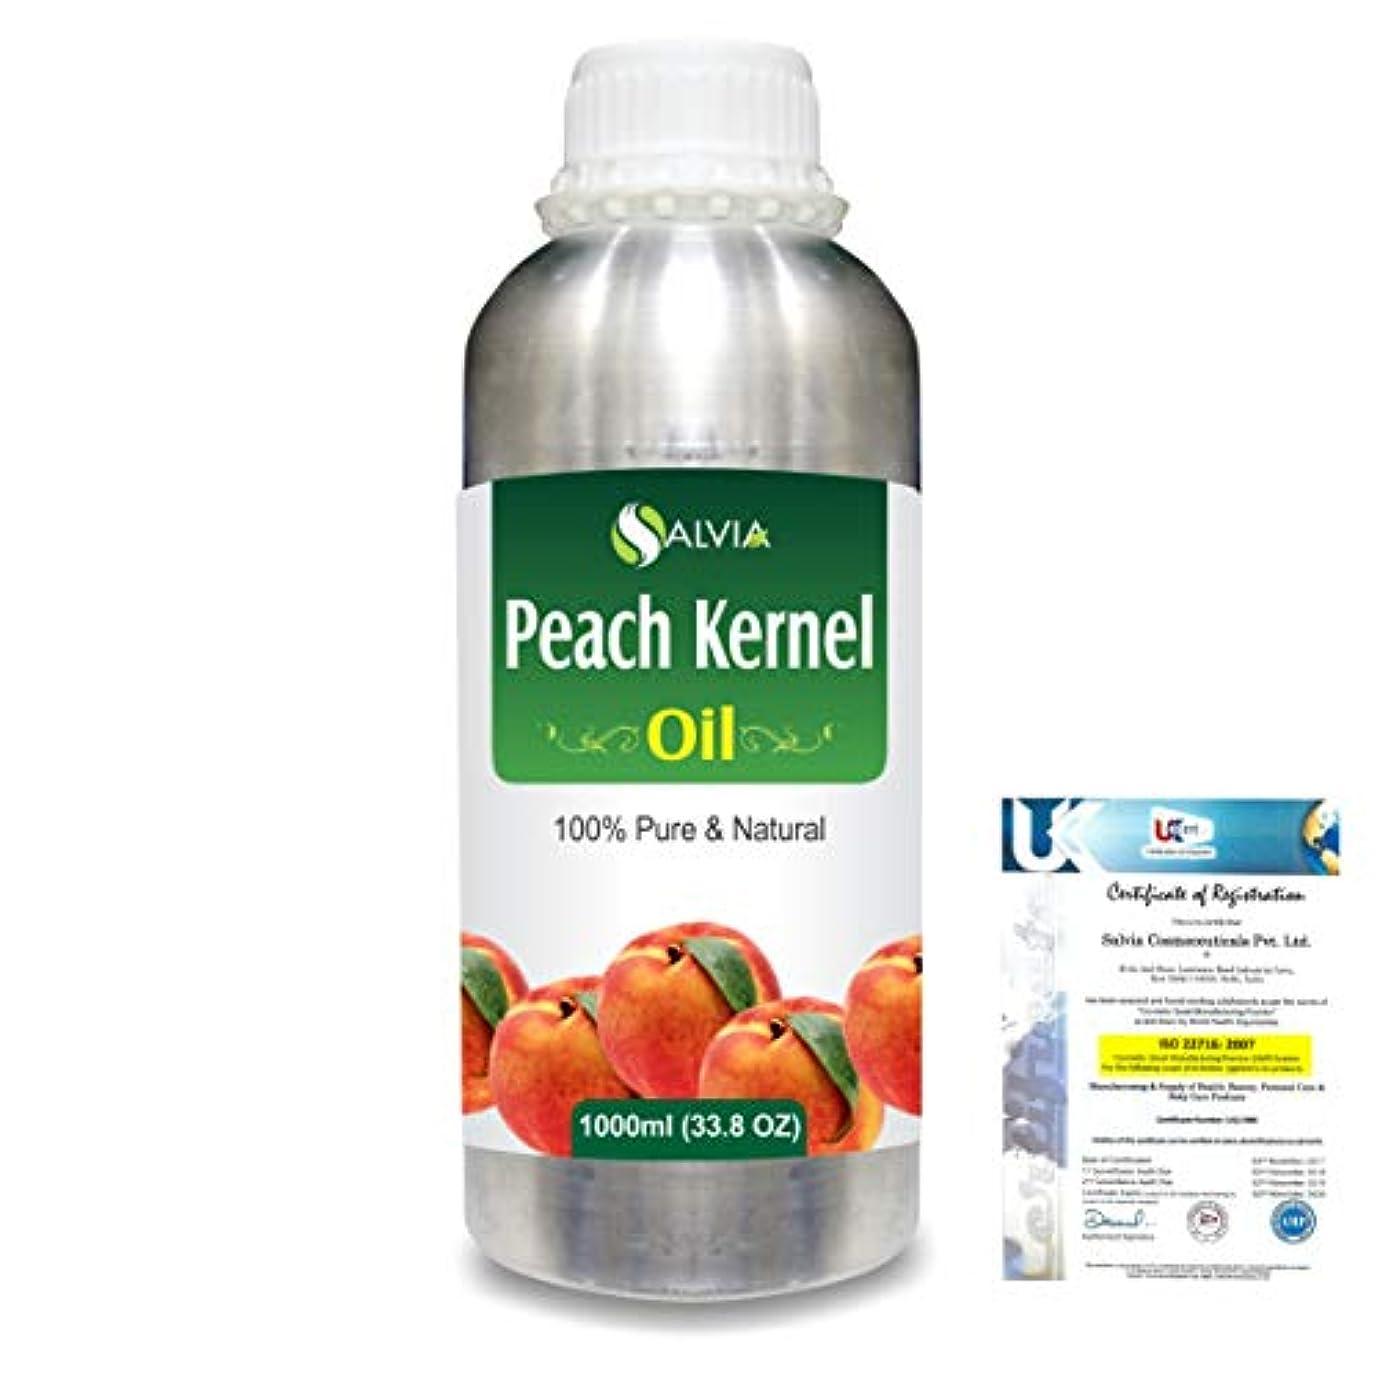 Peach Kernel (Prunus persica) Natural Pure Undiluted Uncut Carrier Oil 1000ml/33.8 fl.oz.